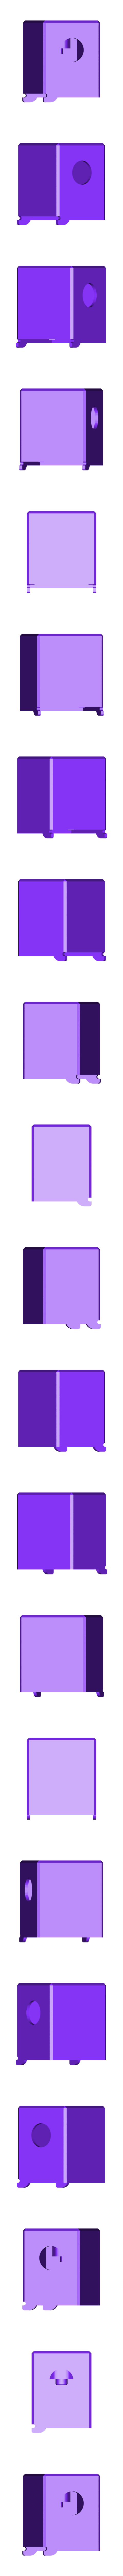 Foyer.stl Download STL file Poêle pour maison Playmobil • Object to 3D print, emajo